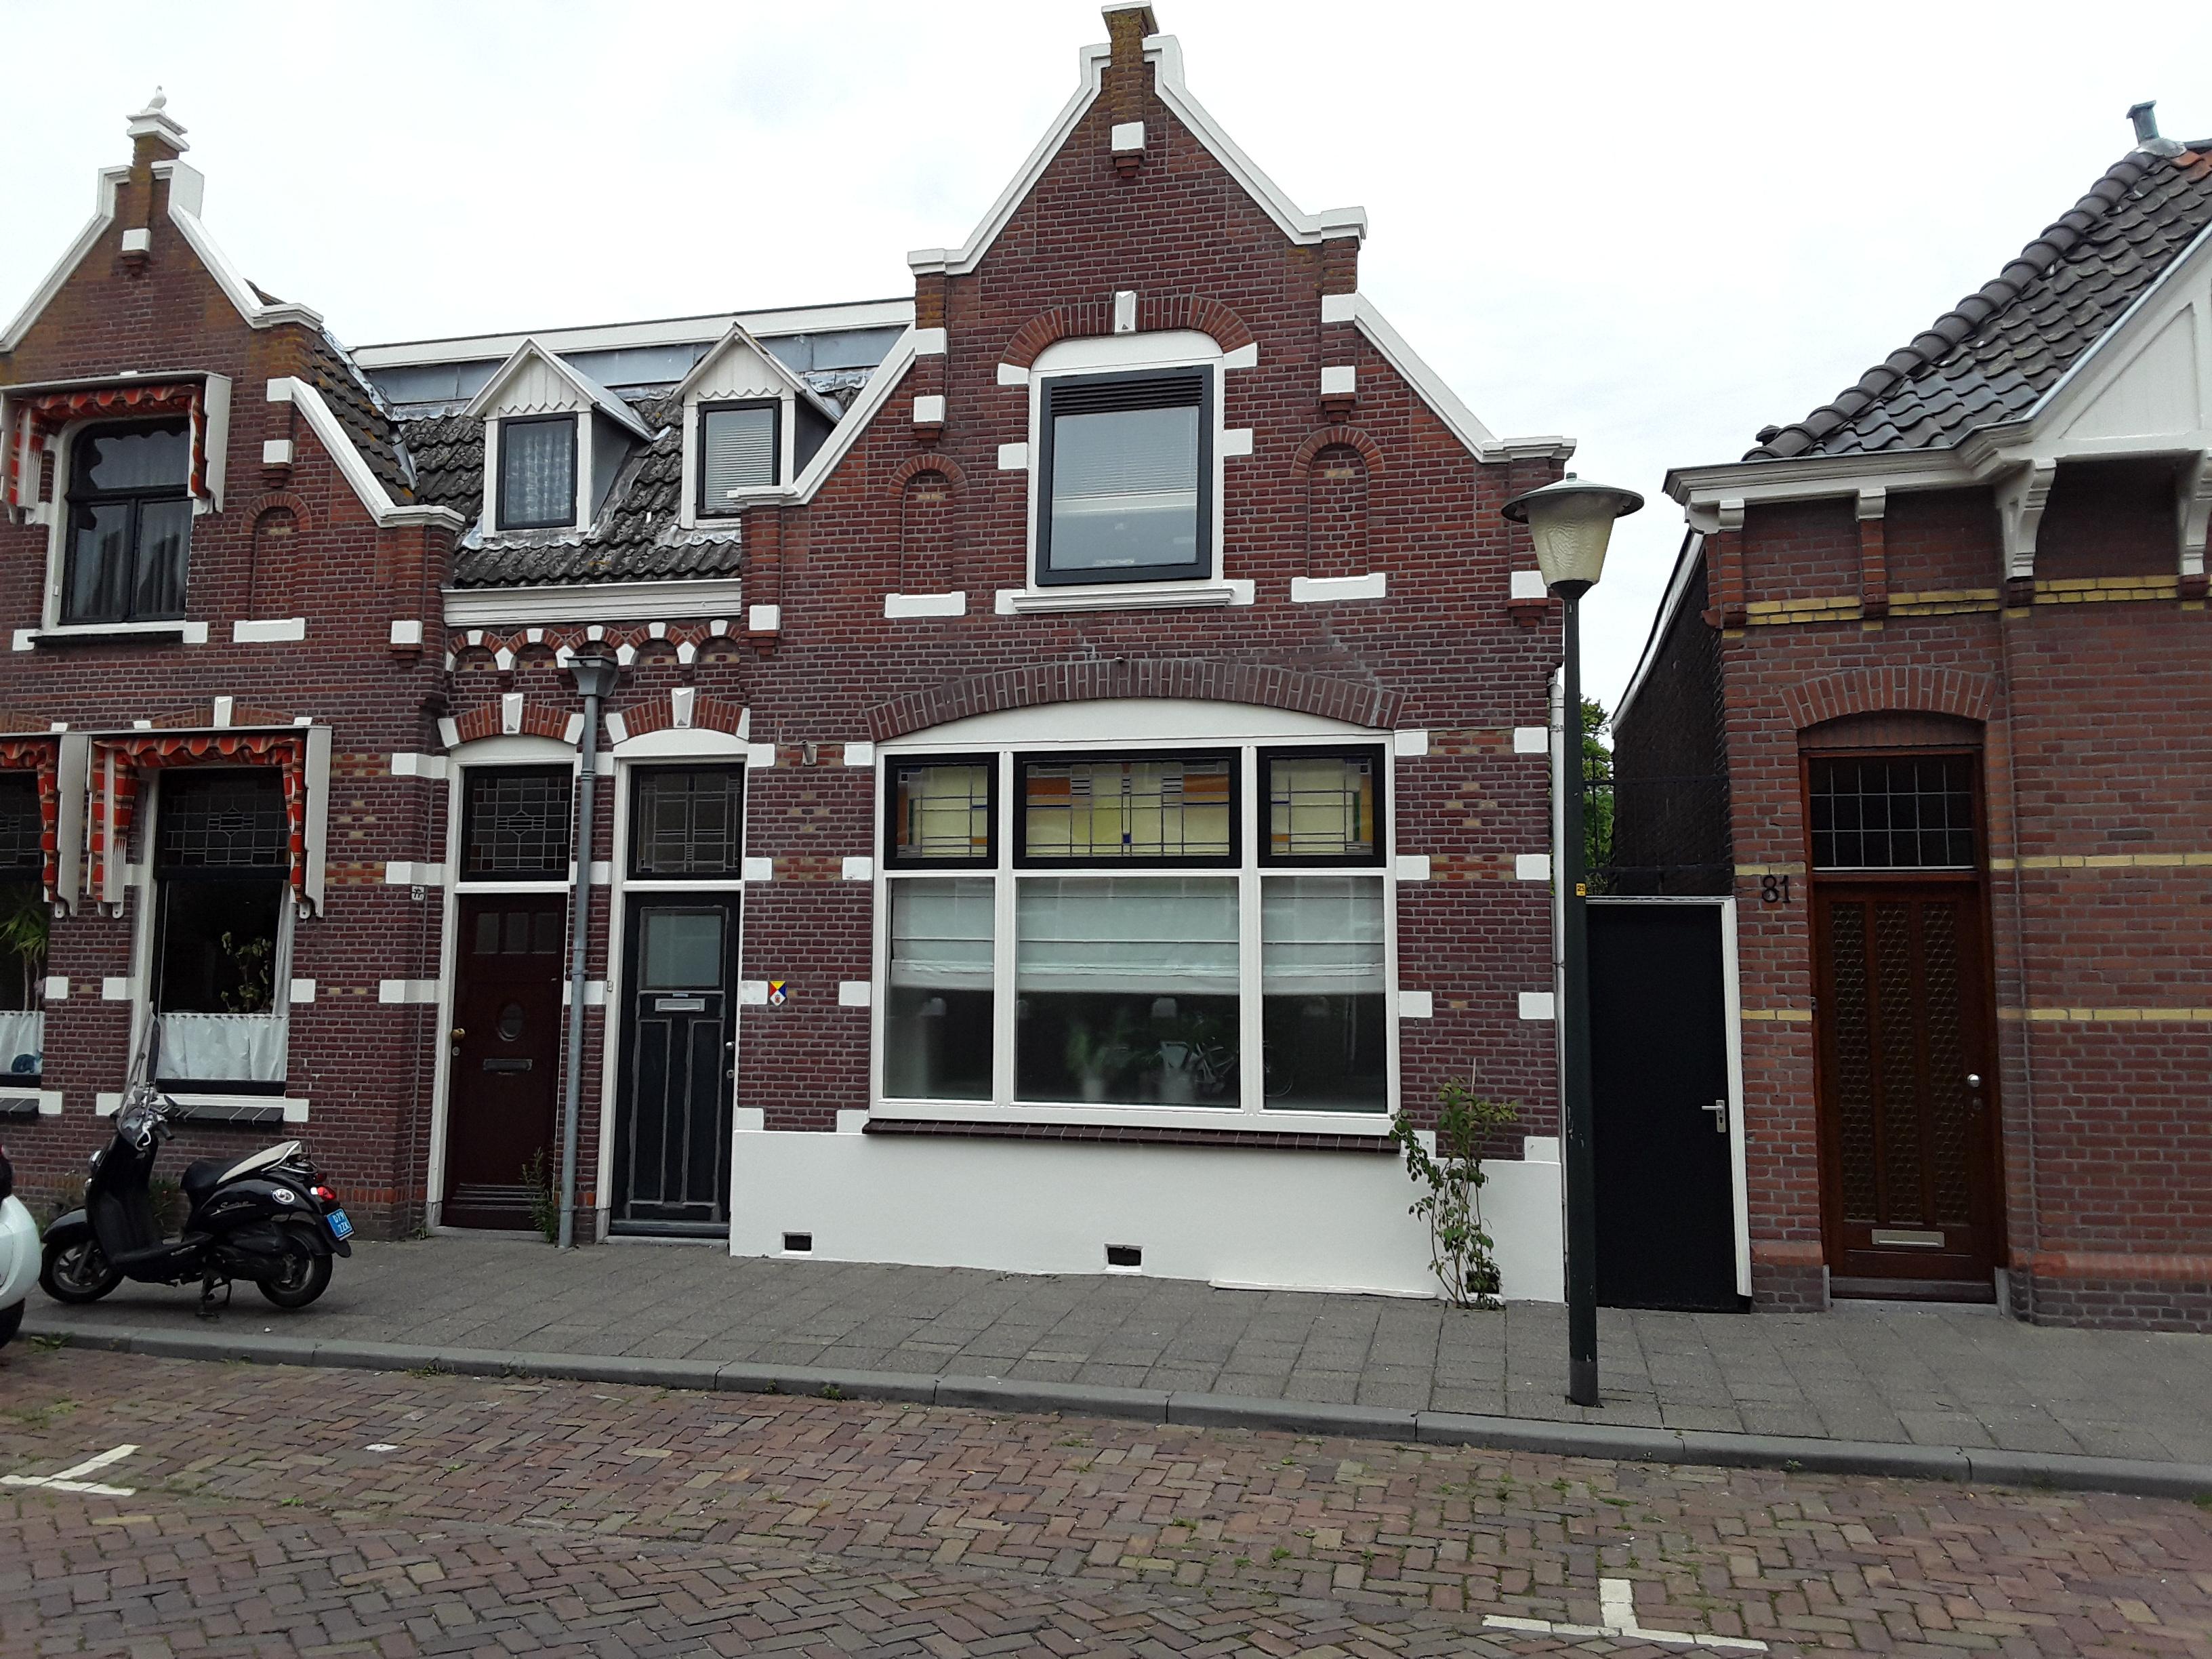 Verkoop uw huis sneller met nieuw schilderwerk nico groen schildersbedrijf vlaardingen - Huis verkoop ...